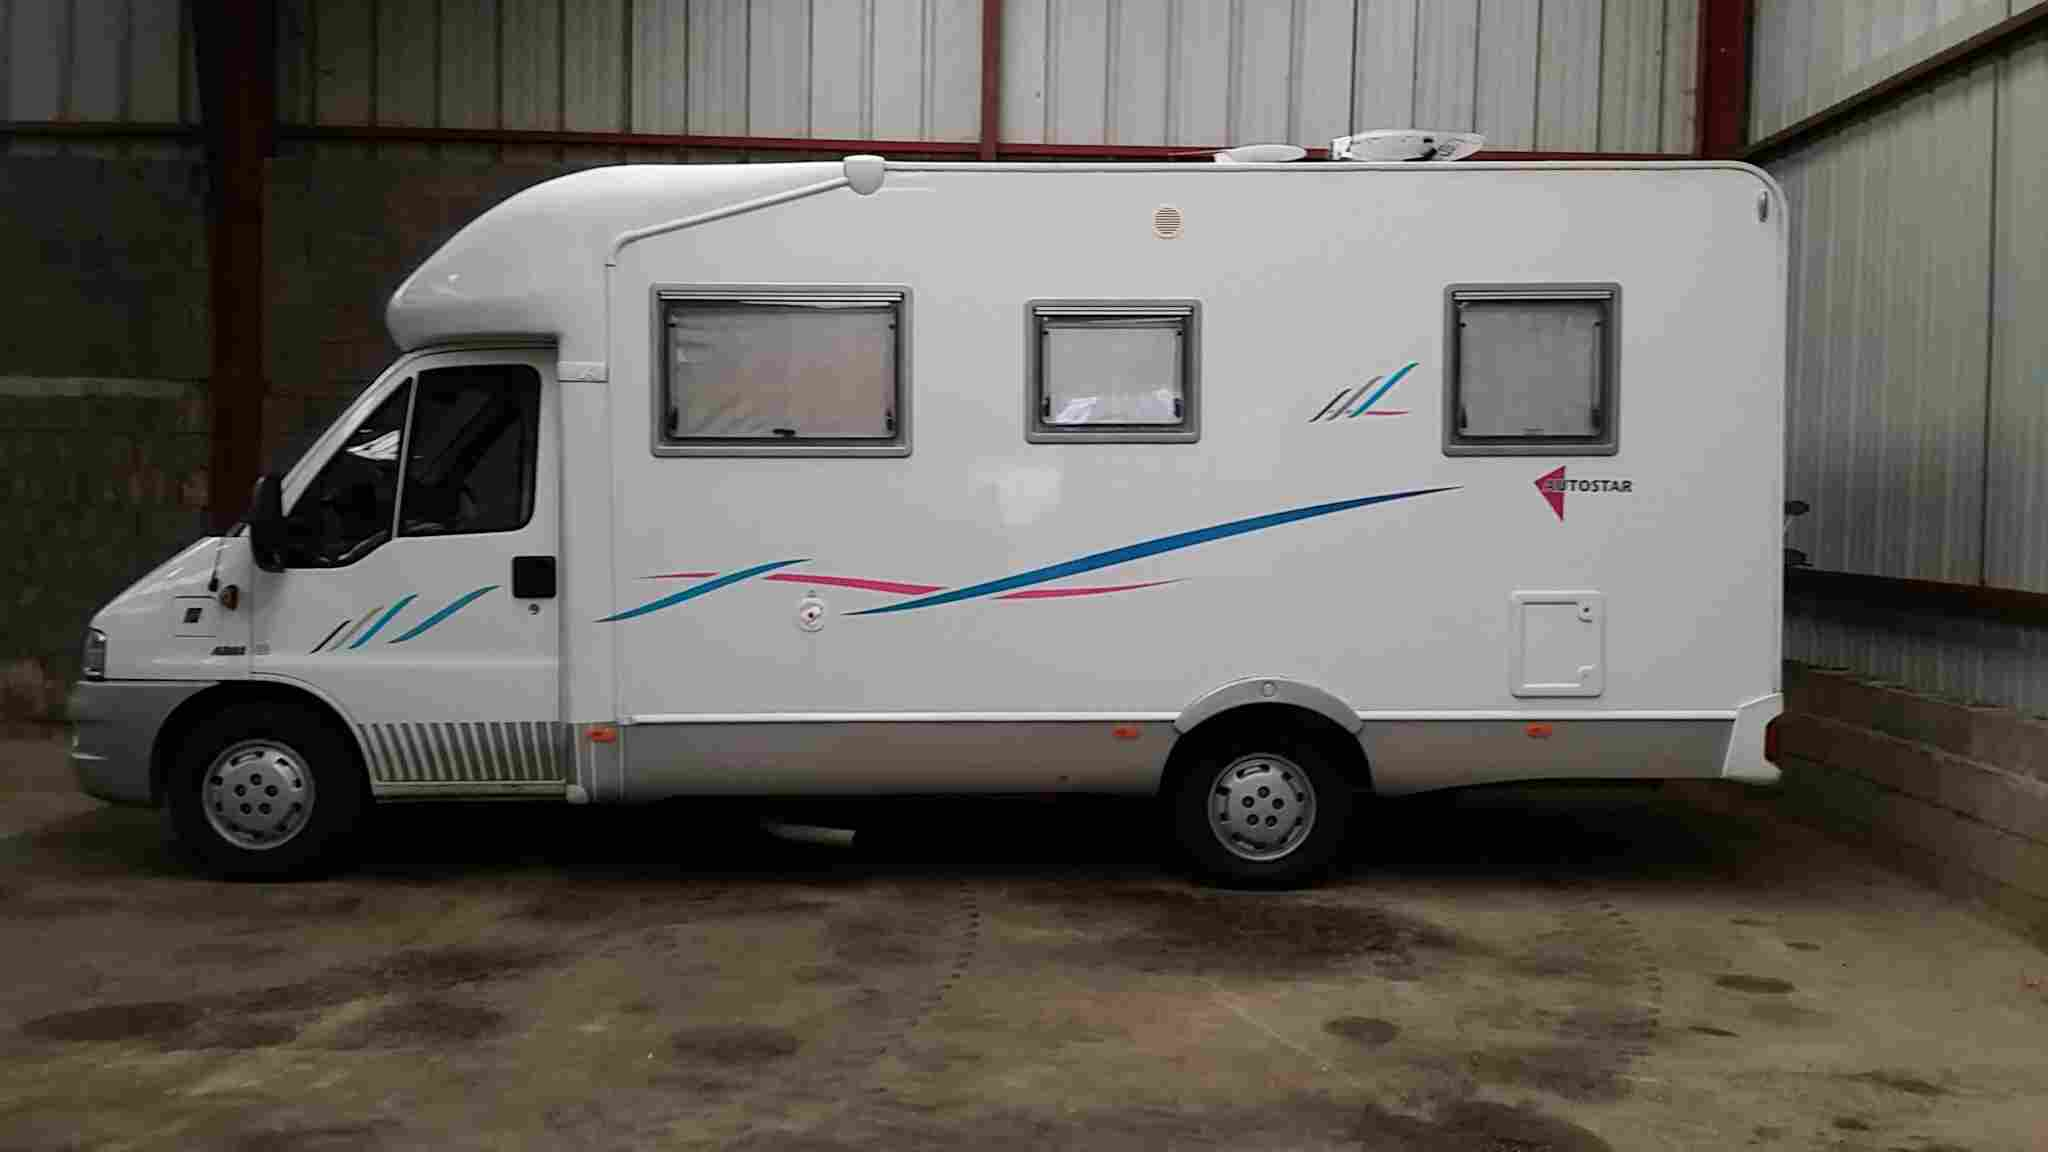 Louer un emplacement pour votre camping car - Garage a louer pour camping car ...